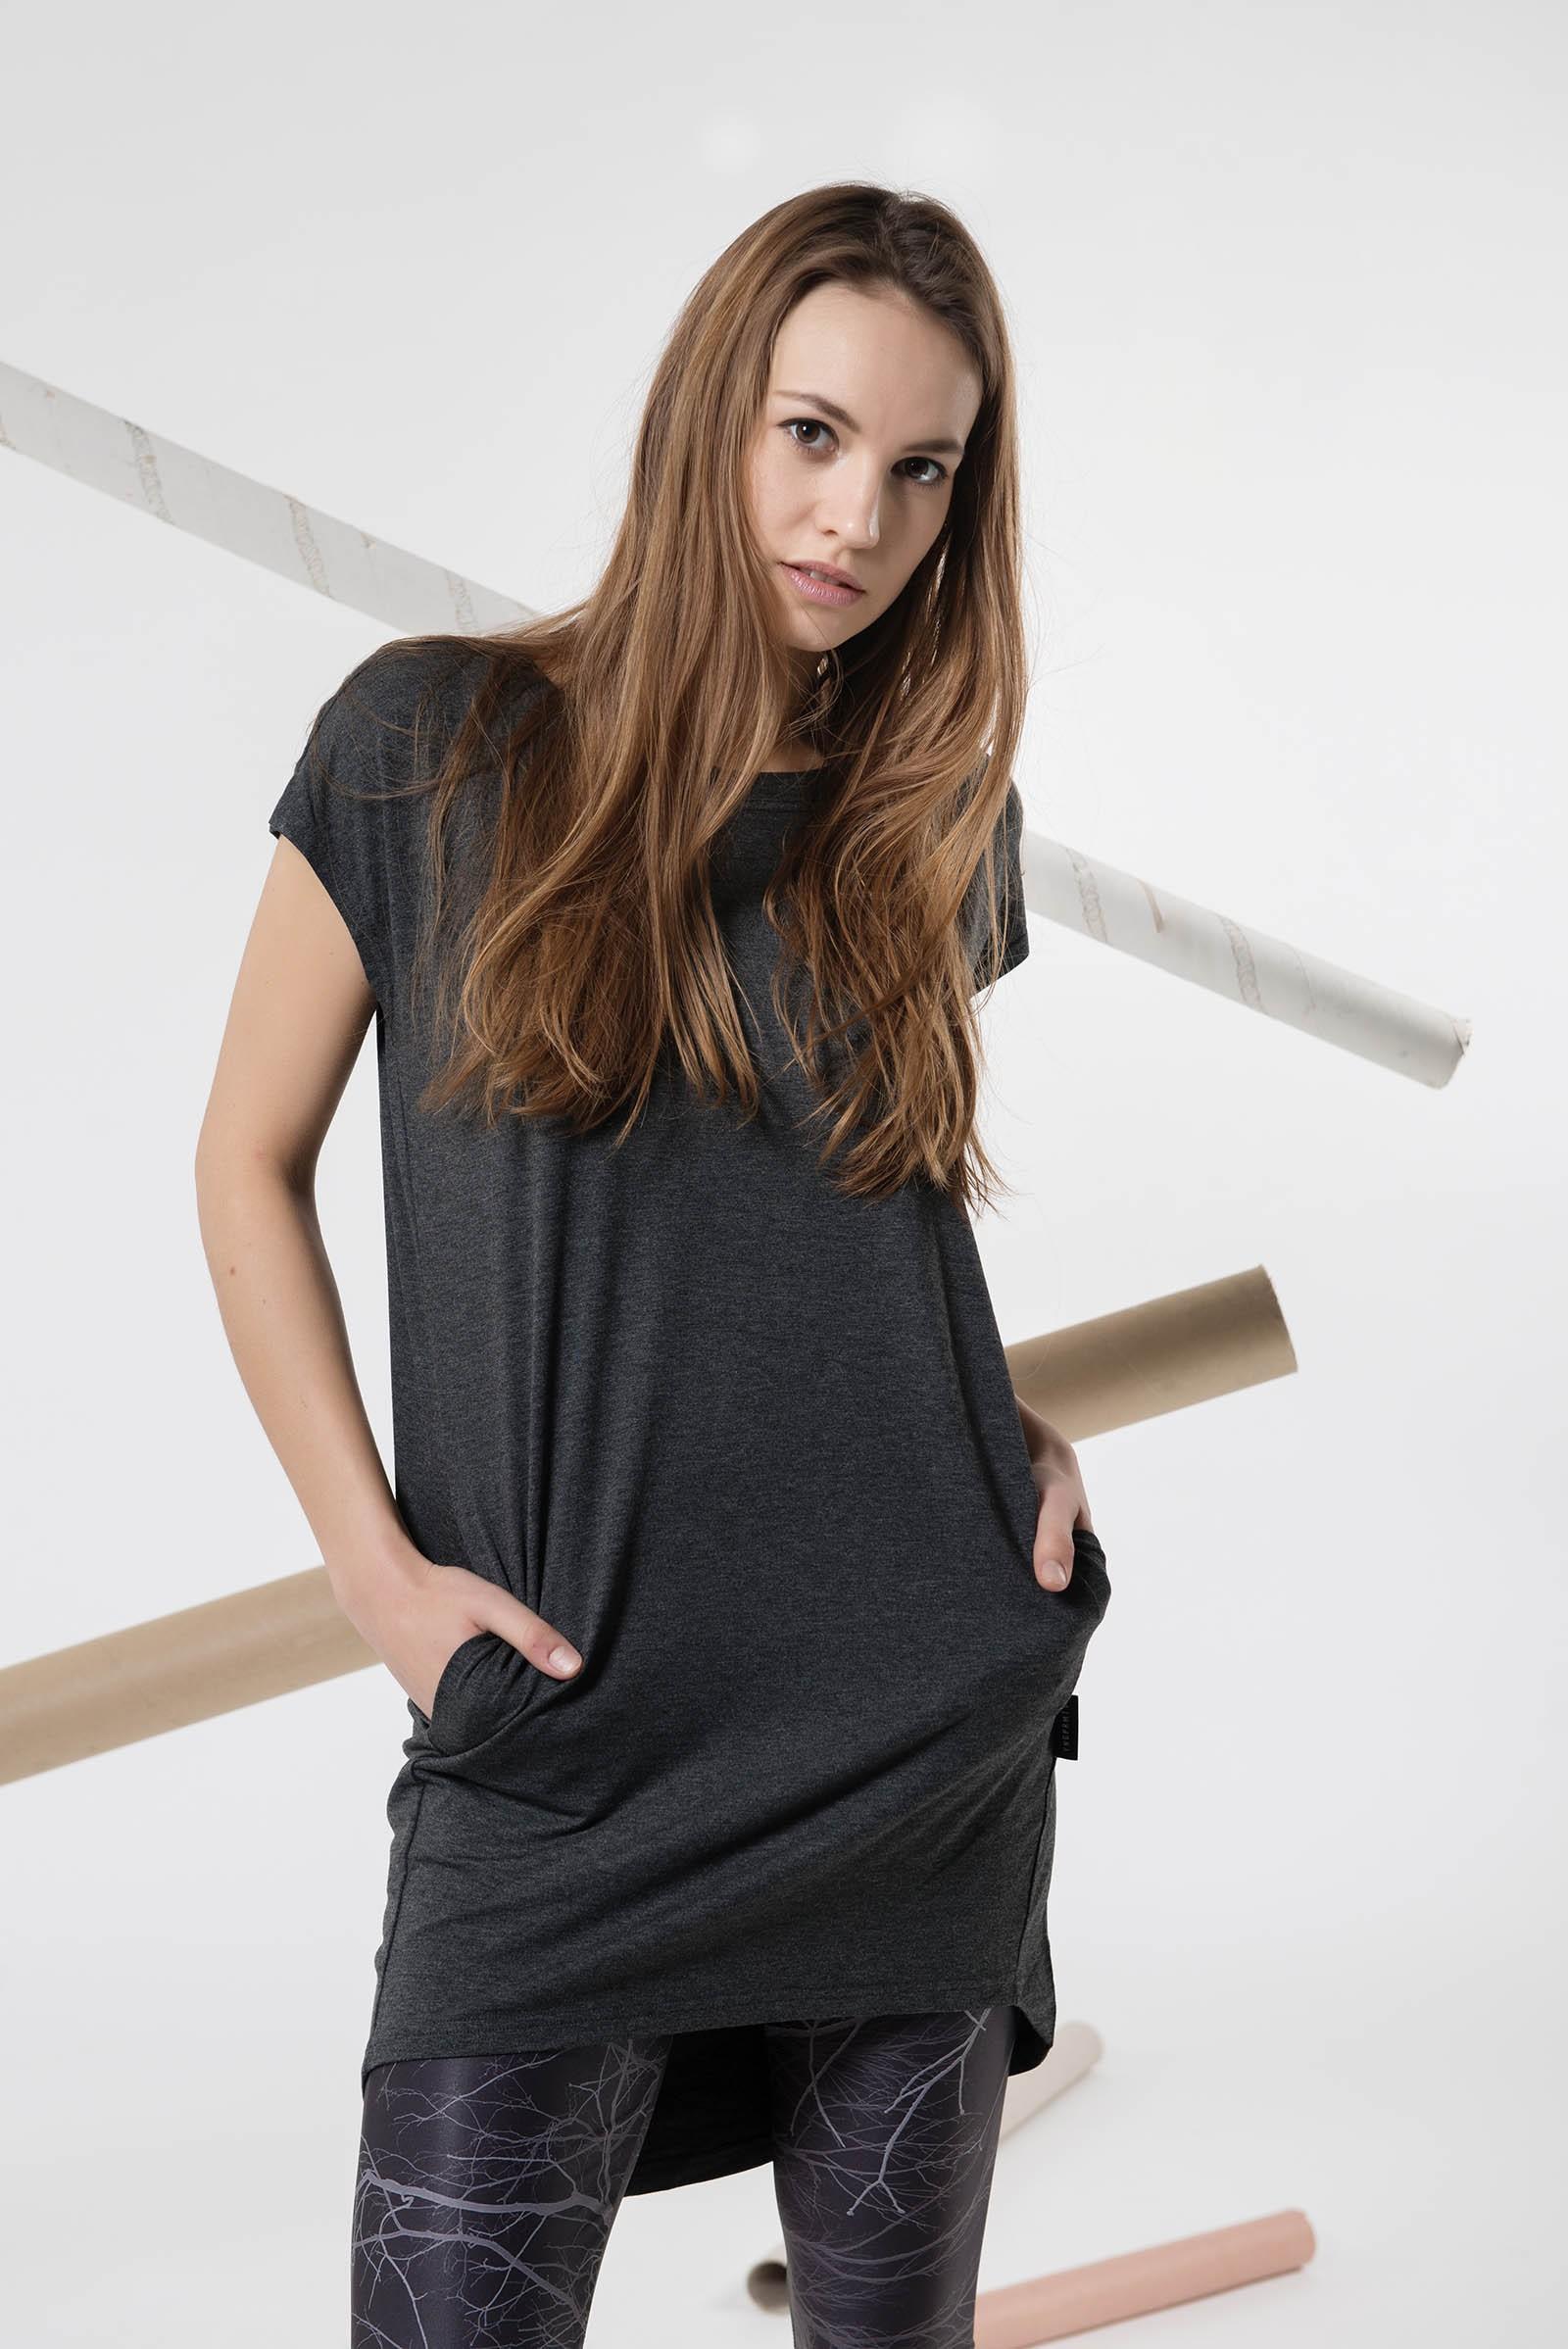 Šaty a sukně Naja šedý melír